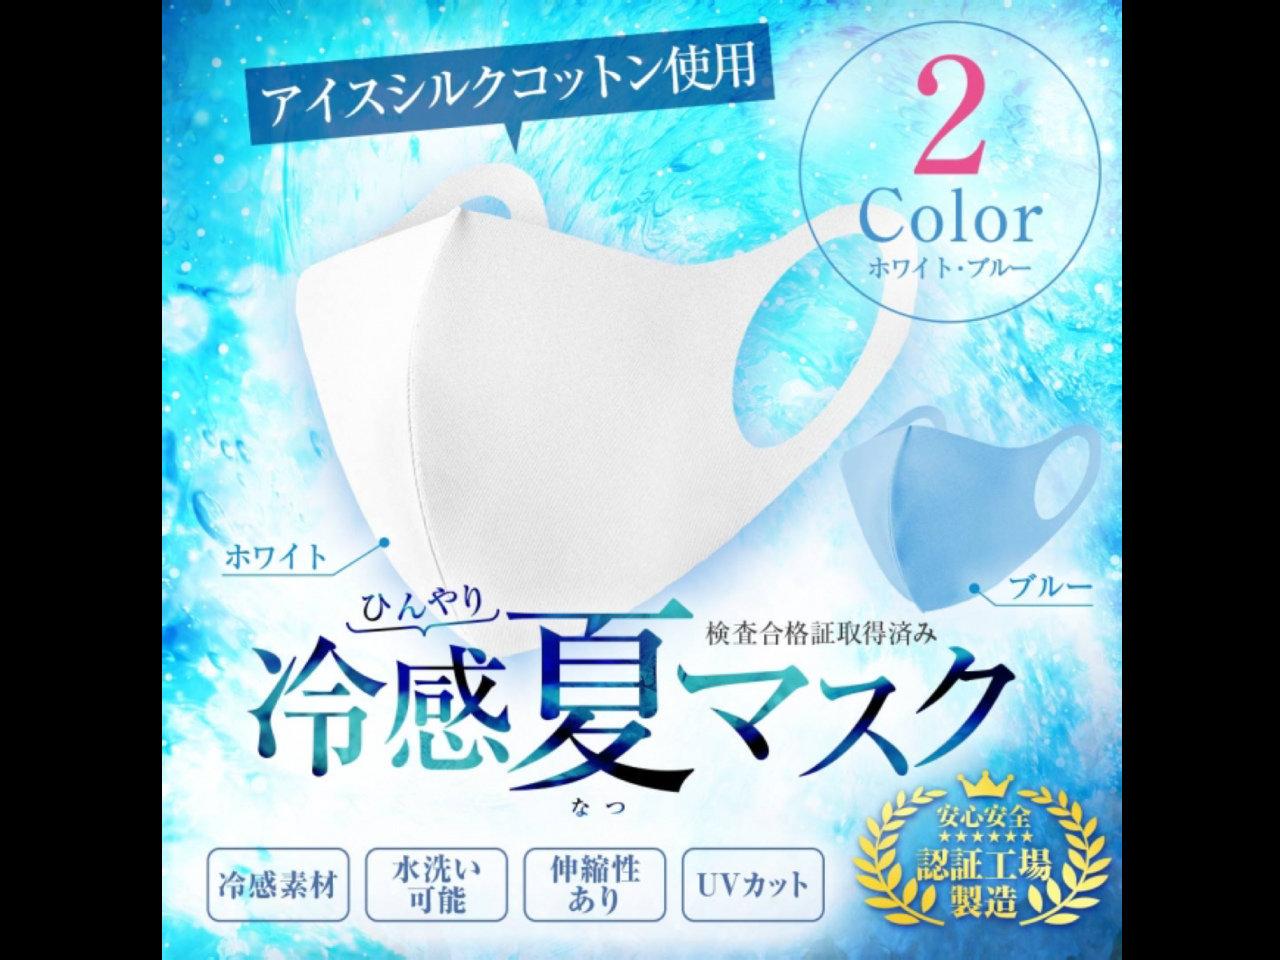 1枚170円。アイスシルクコットンを使用した冷感夏用マスク、先行予約開始です。